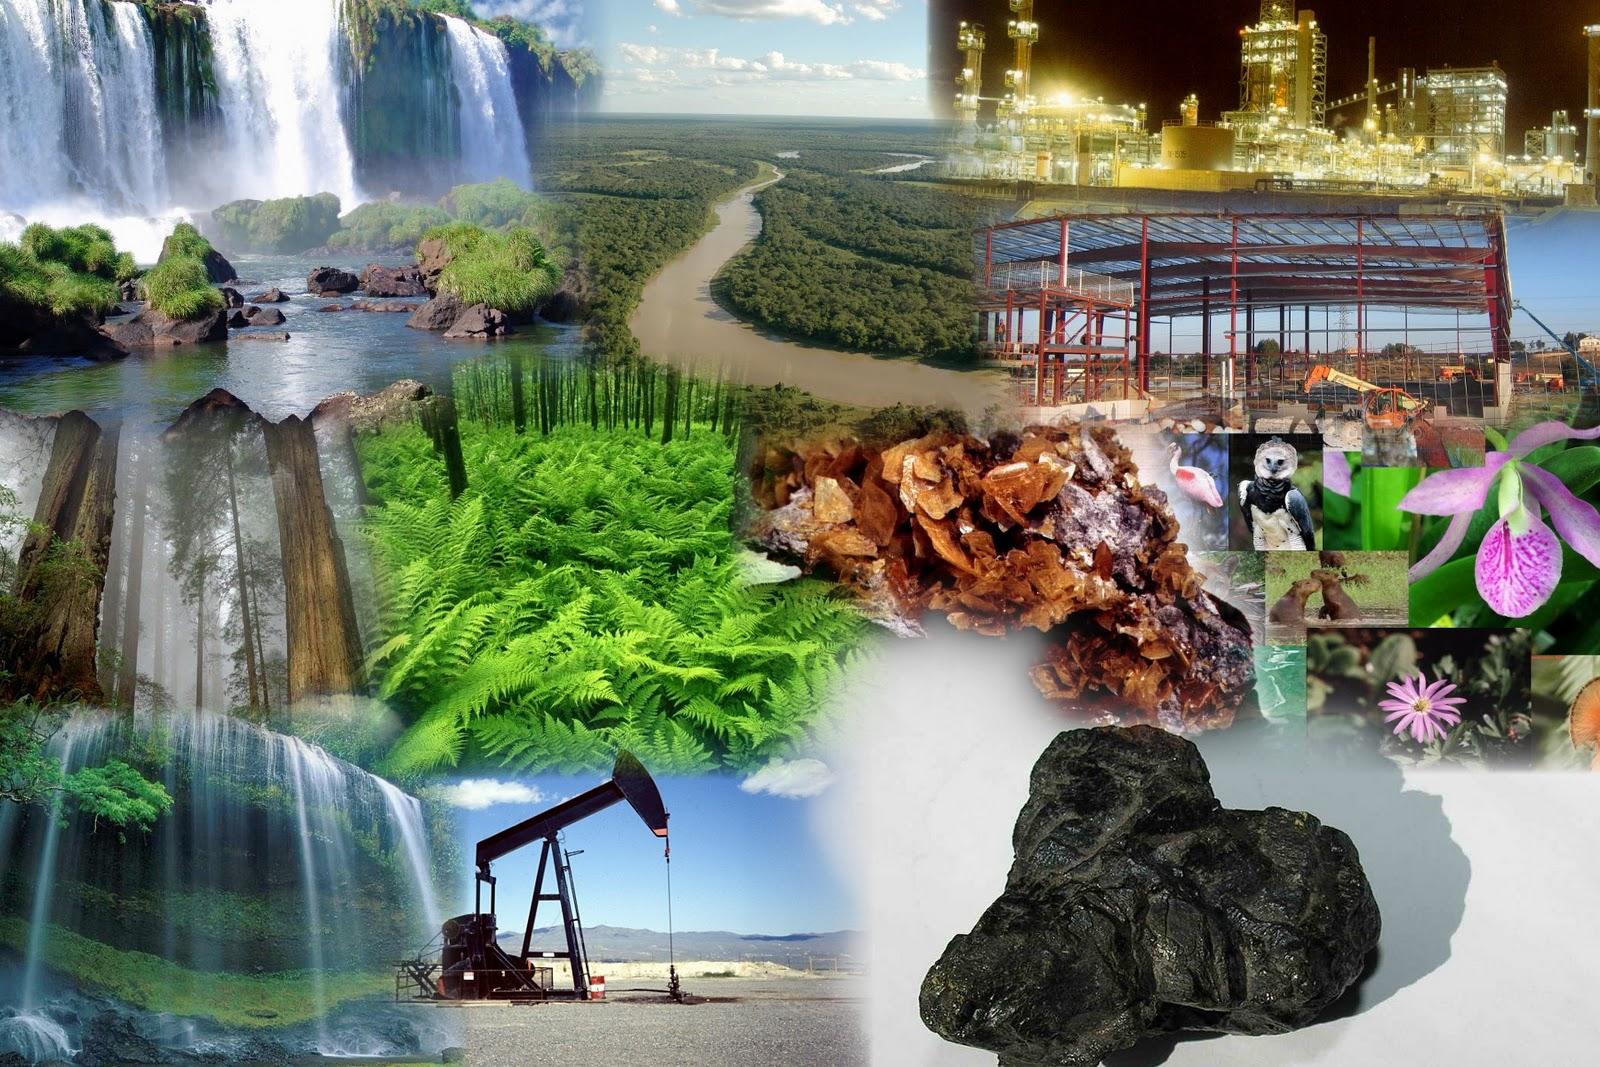 Cuadros comparativos y sin pticos sobre recursos naturales for Importancia de los viveros forestales